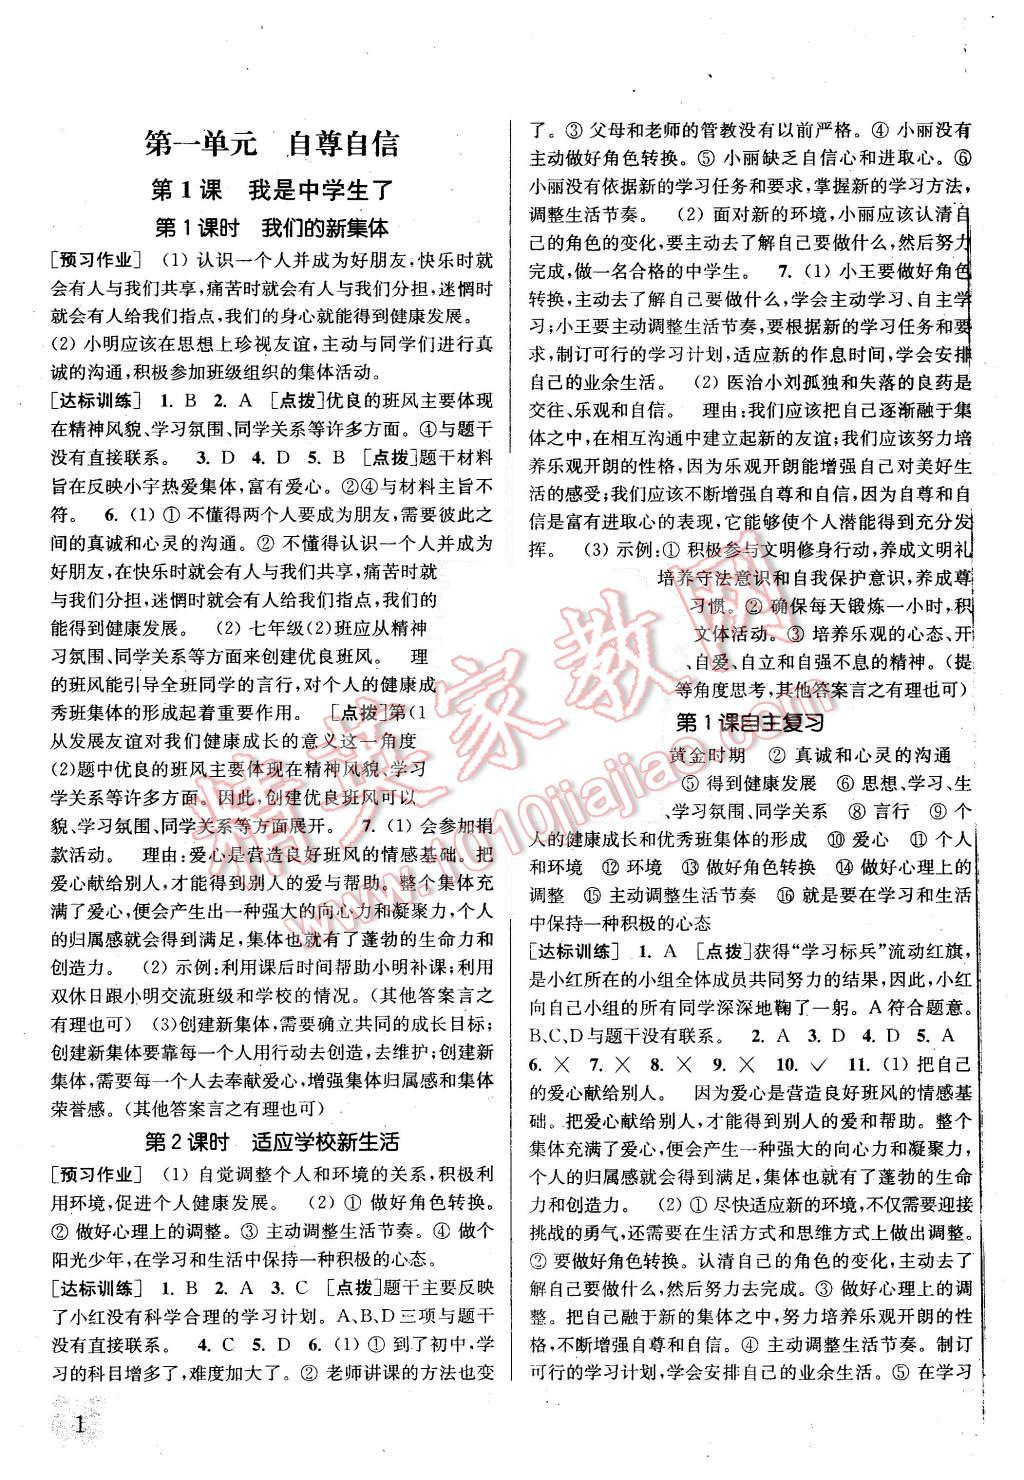 2015年通城学典课时作业本七年级思想品德上册苏人版第1页